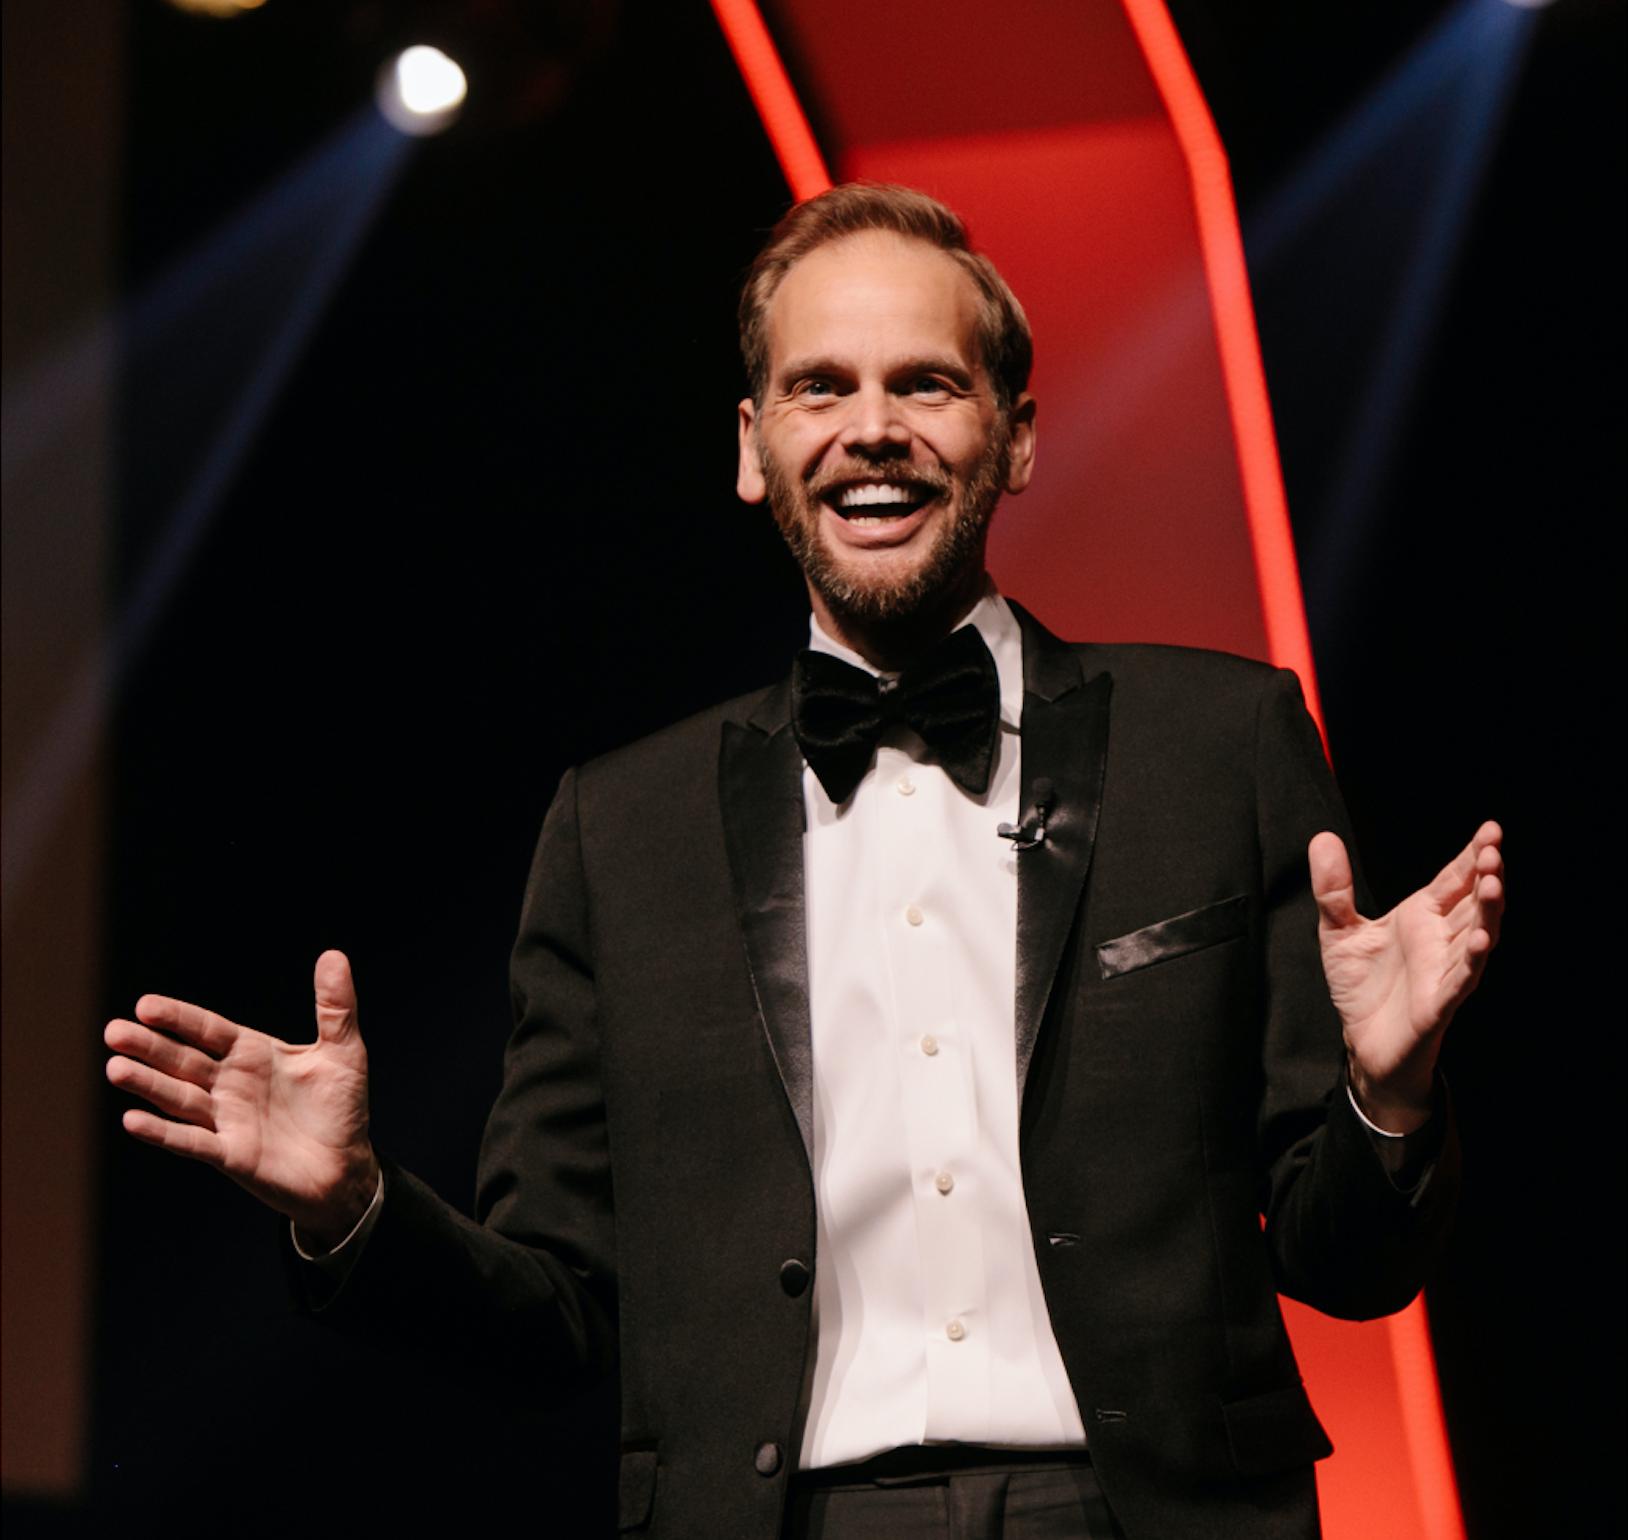 Garrett Gravesen speaking on a stage, dressed in a tuxedo.